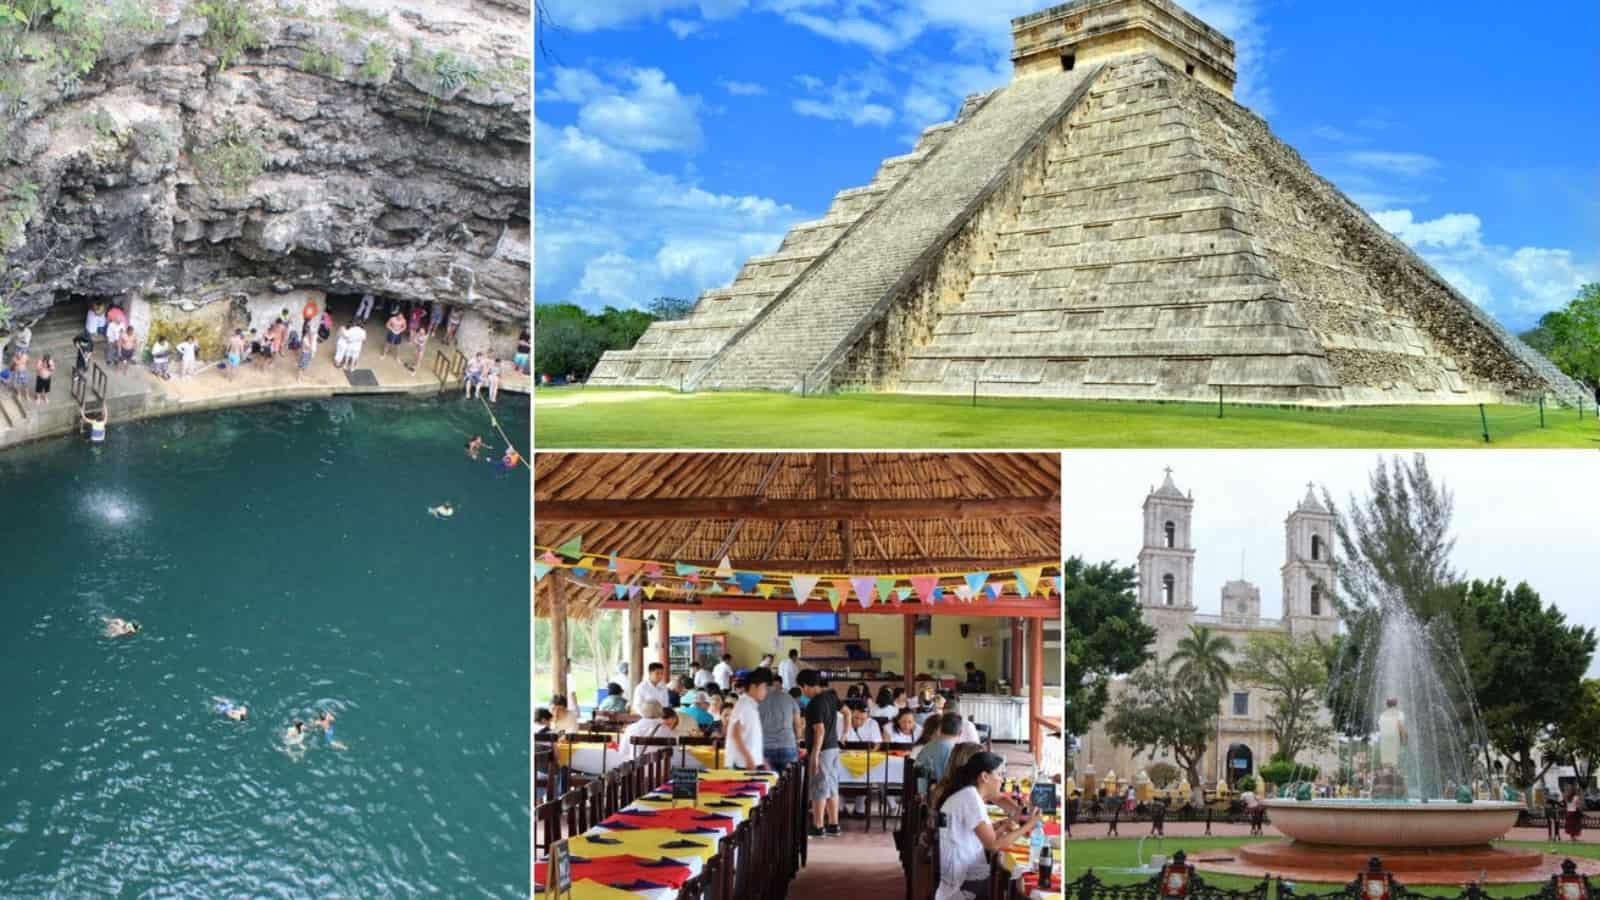 Tour Chichen Itzá Económico desde Cancún, traslado e impuesto incluido